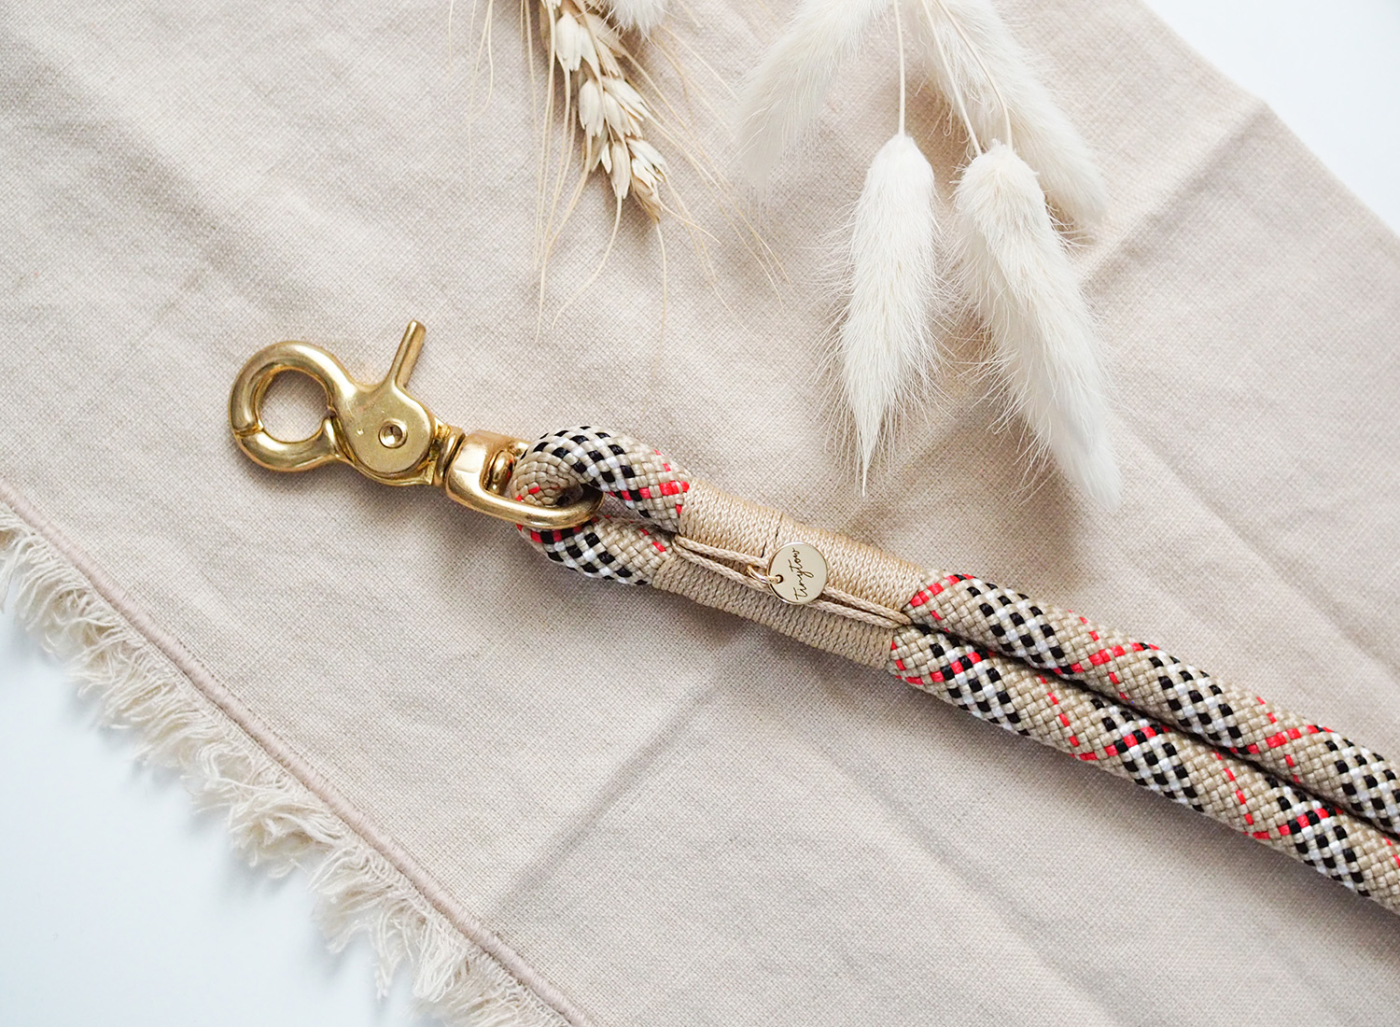 Detailaufnahme unseres Halsbandes aus Tau in kariertem Schottenkaro-Look mit beigen Details und goldenen Karabinern.